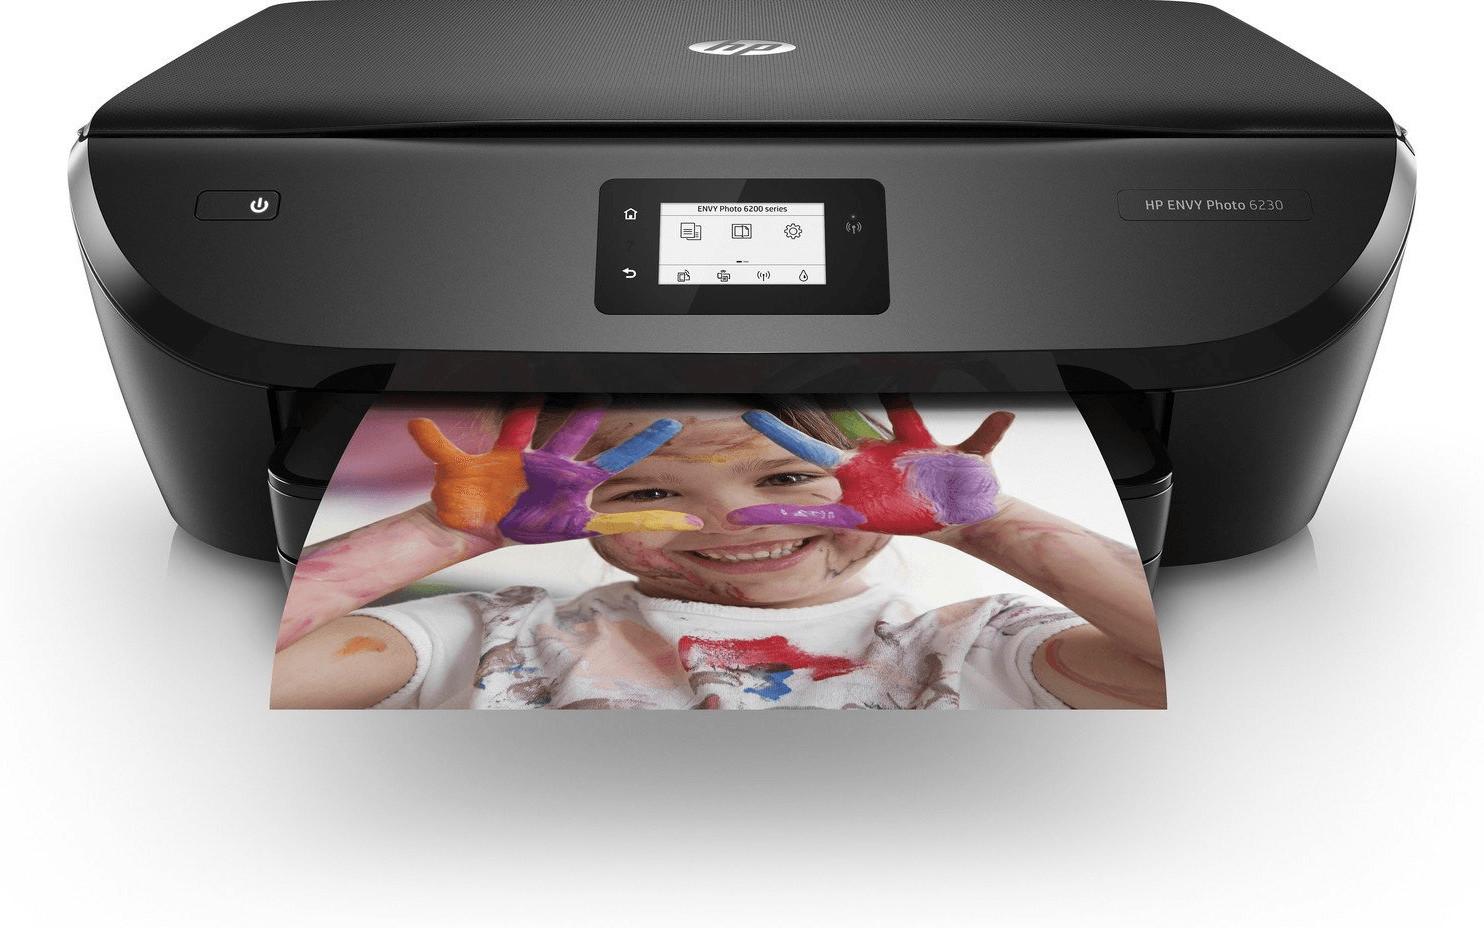 Imprimante multifonction à jet d'encre HP Envy Photo 6230 - avec 6 mois d'abonnement Instant Ink inclus